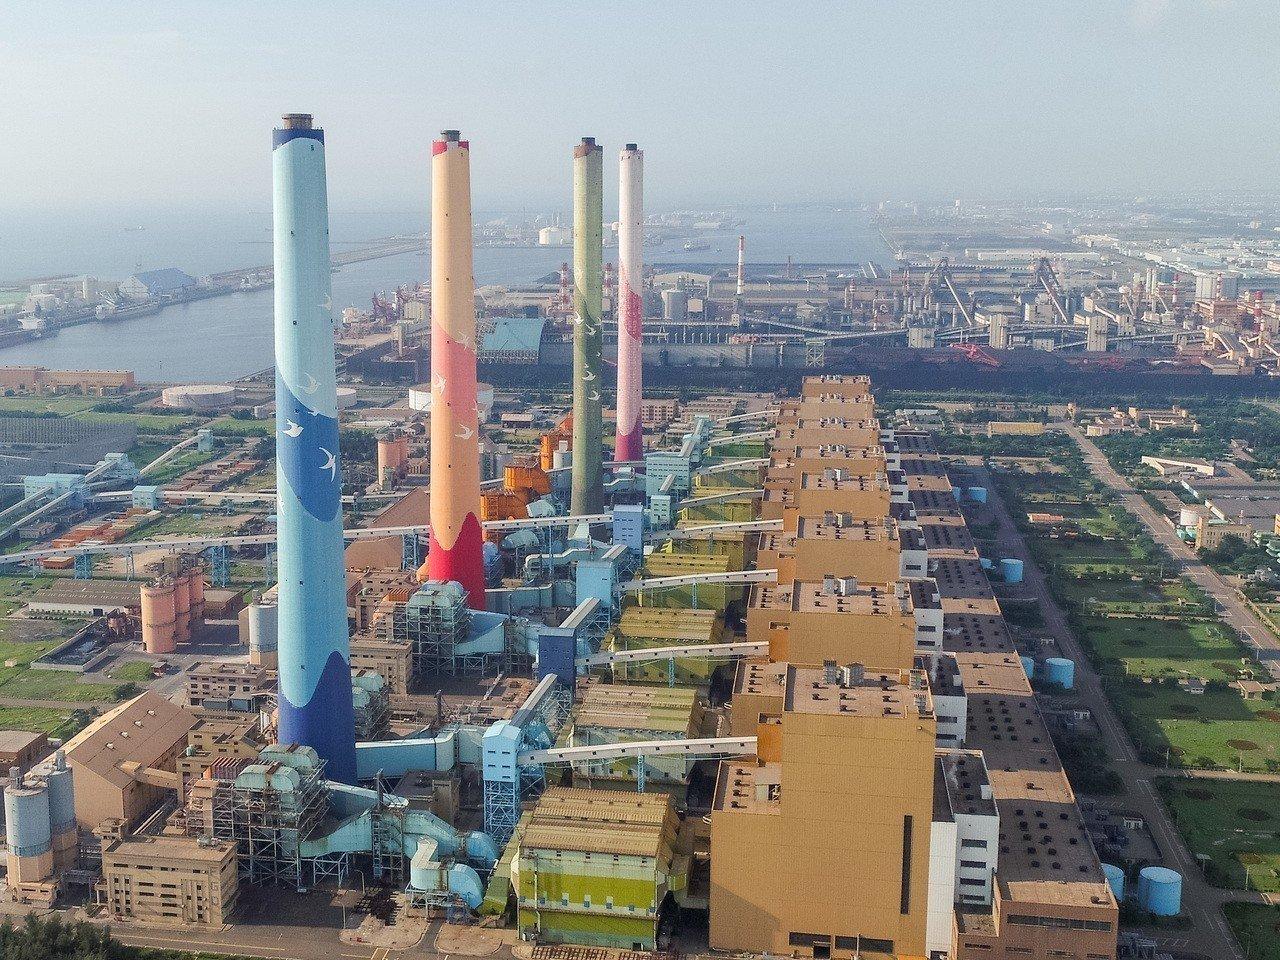 台中火力发电厂或扩建成世界最大 当地政府抗议